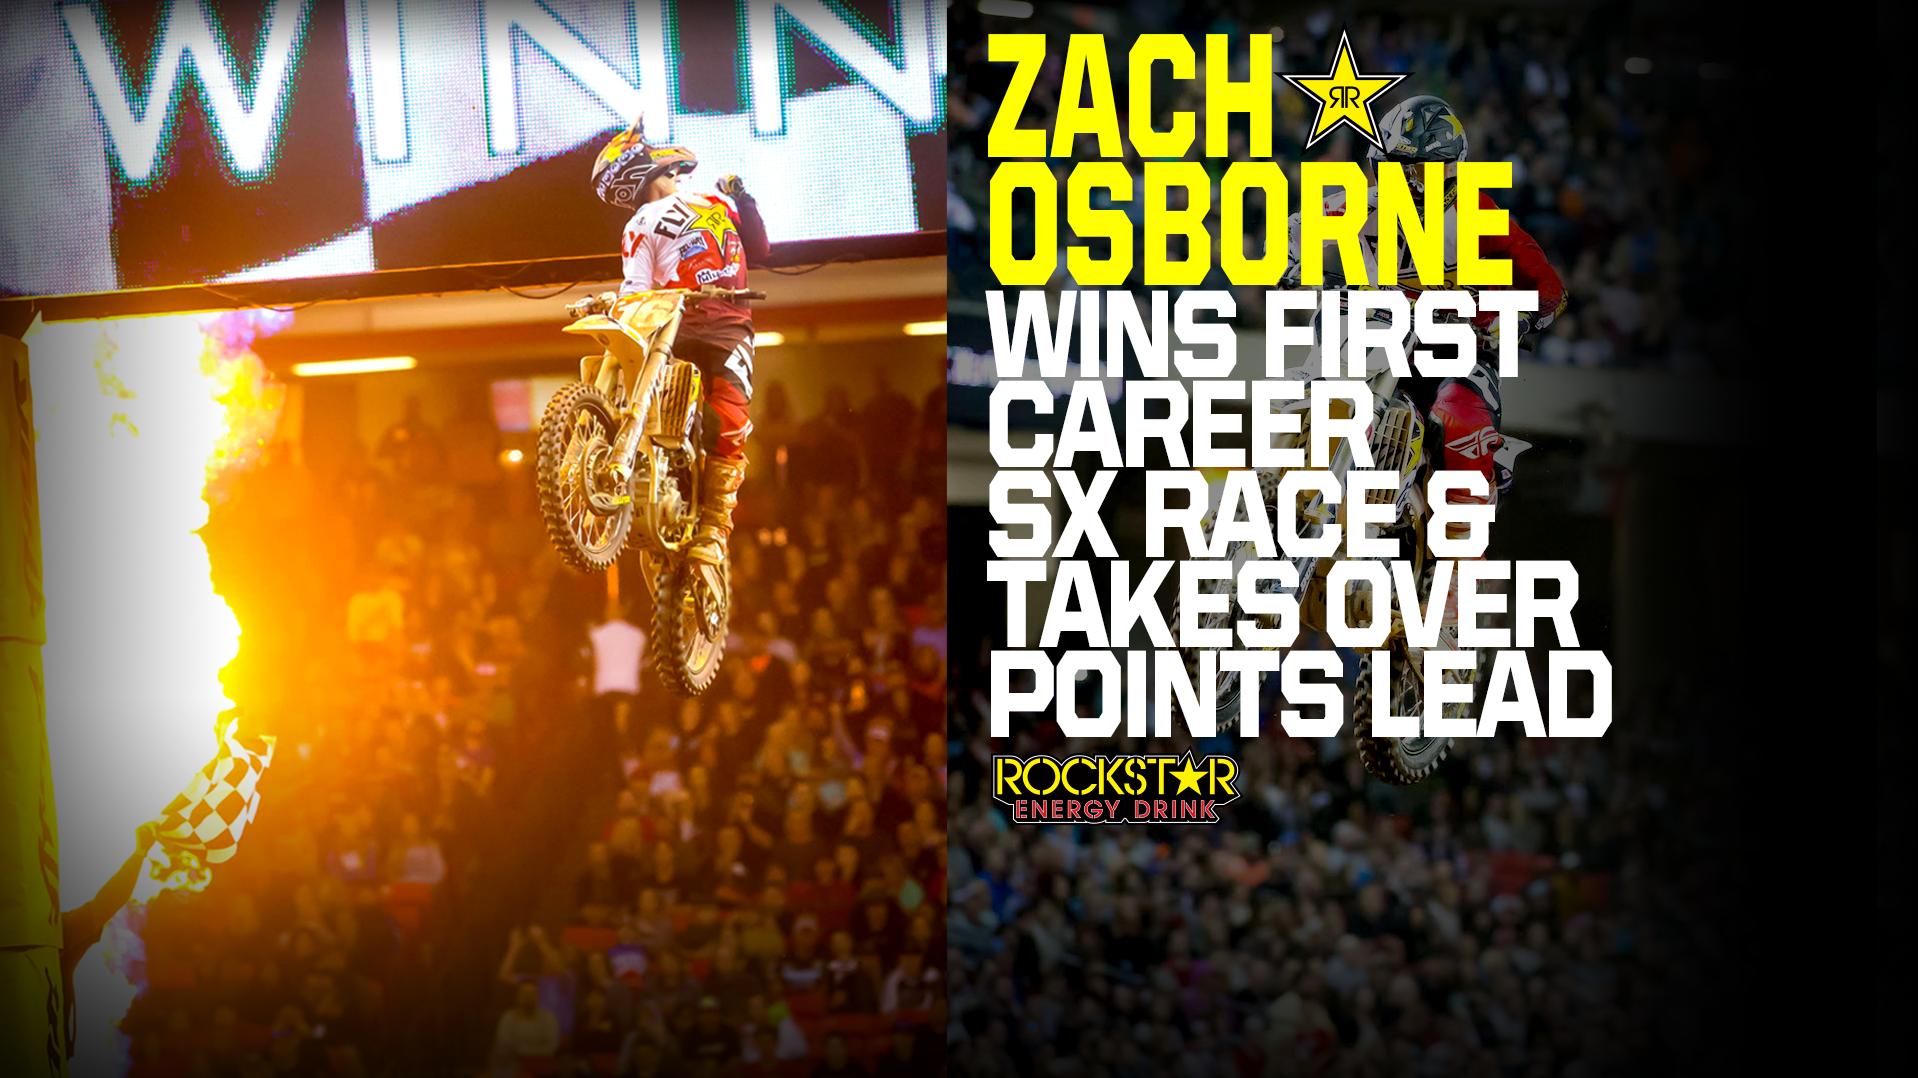 Zach Osborne Wins